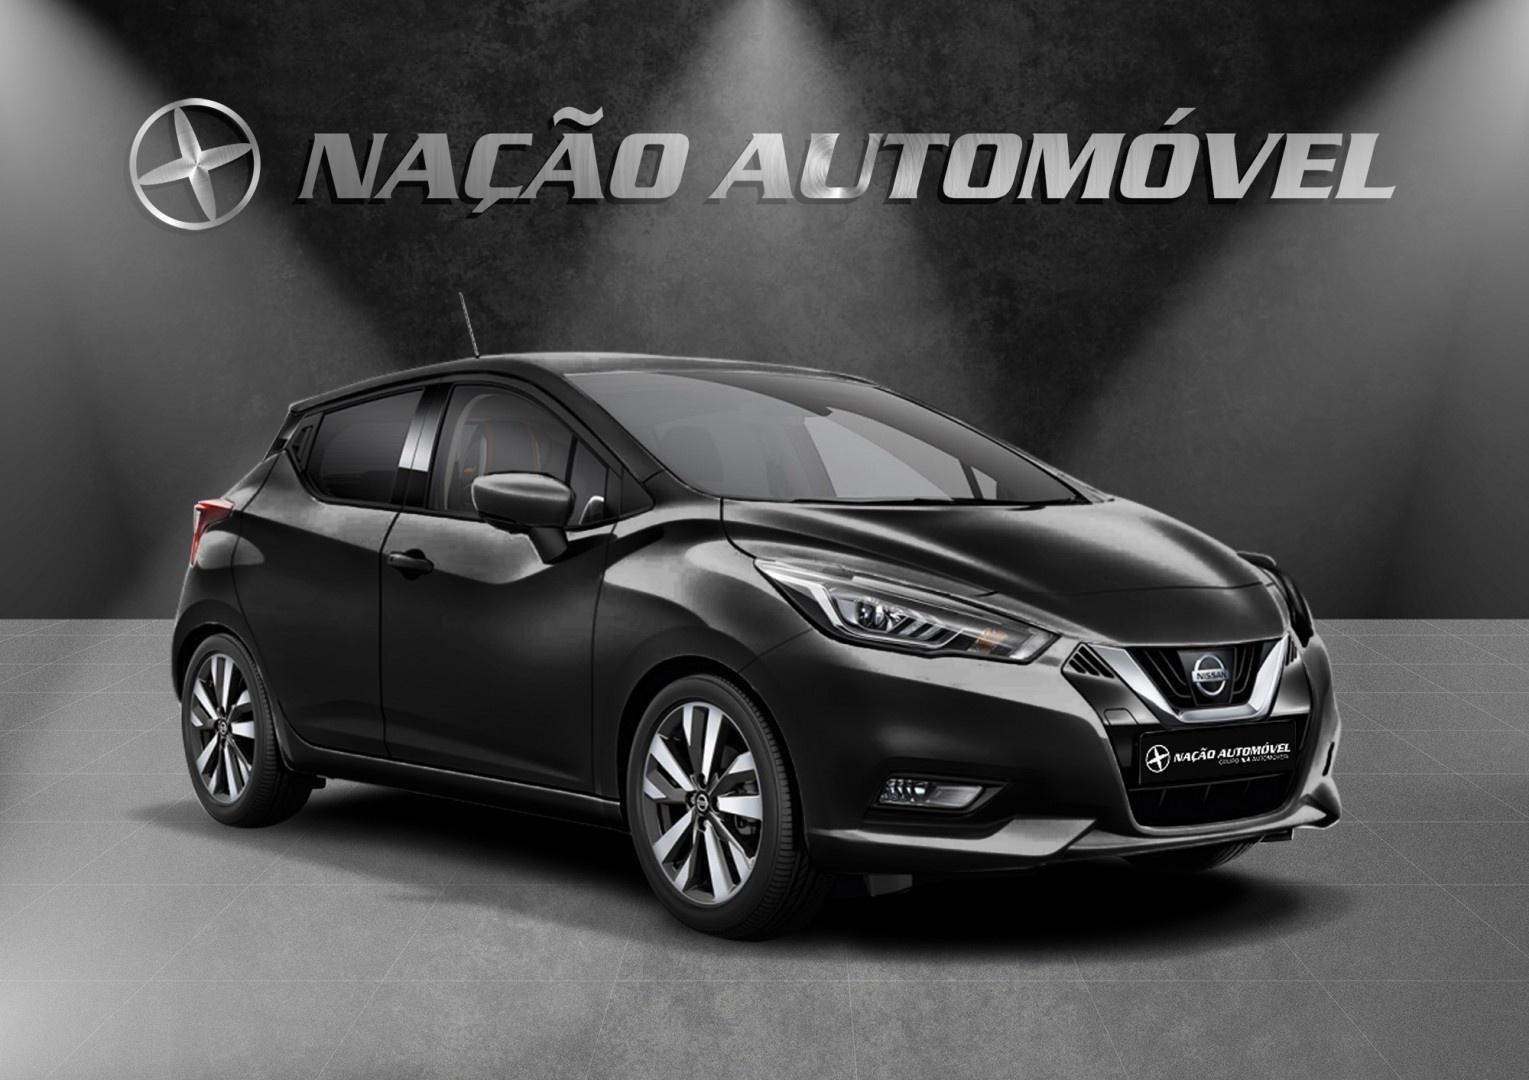 Nissan Micra 0.9 IG-T 90cv N-Connecta Plus (GPS) 5 Lugares 5 Portas